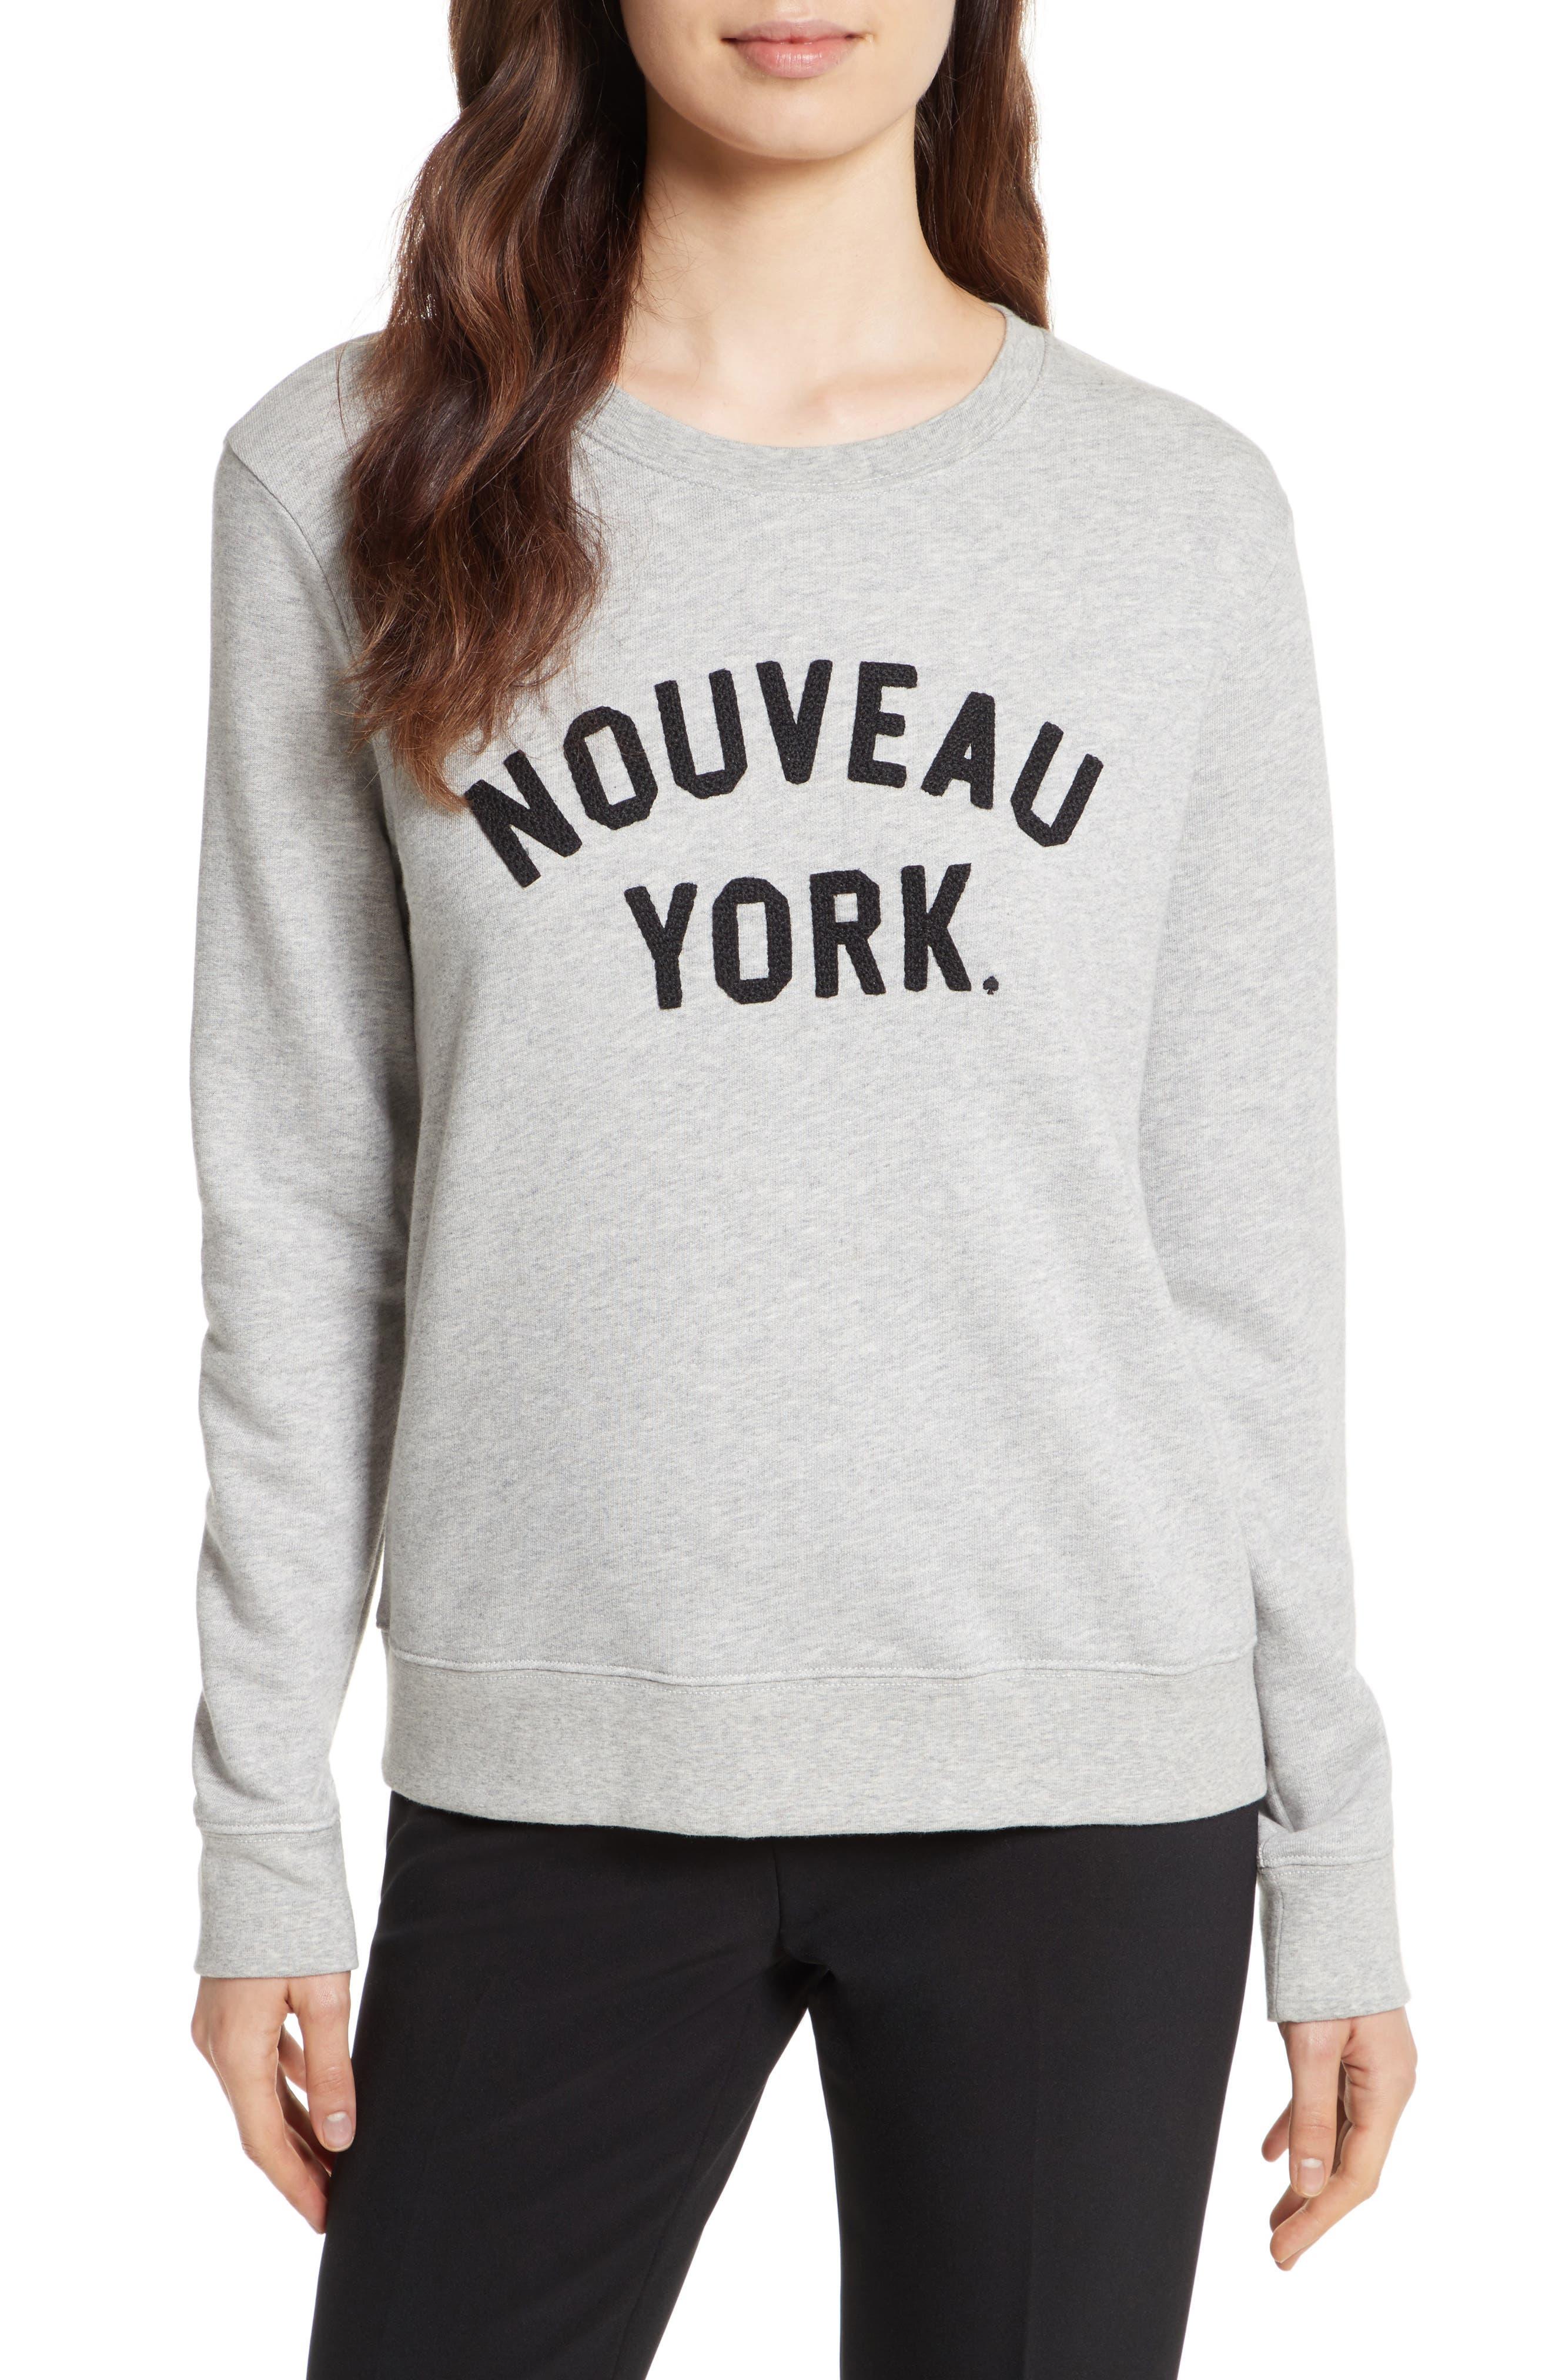 nouveau york sweatshirt,                         Main,                         color, 098